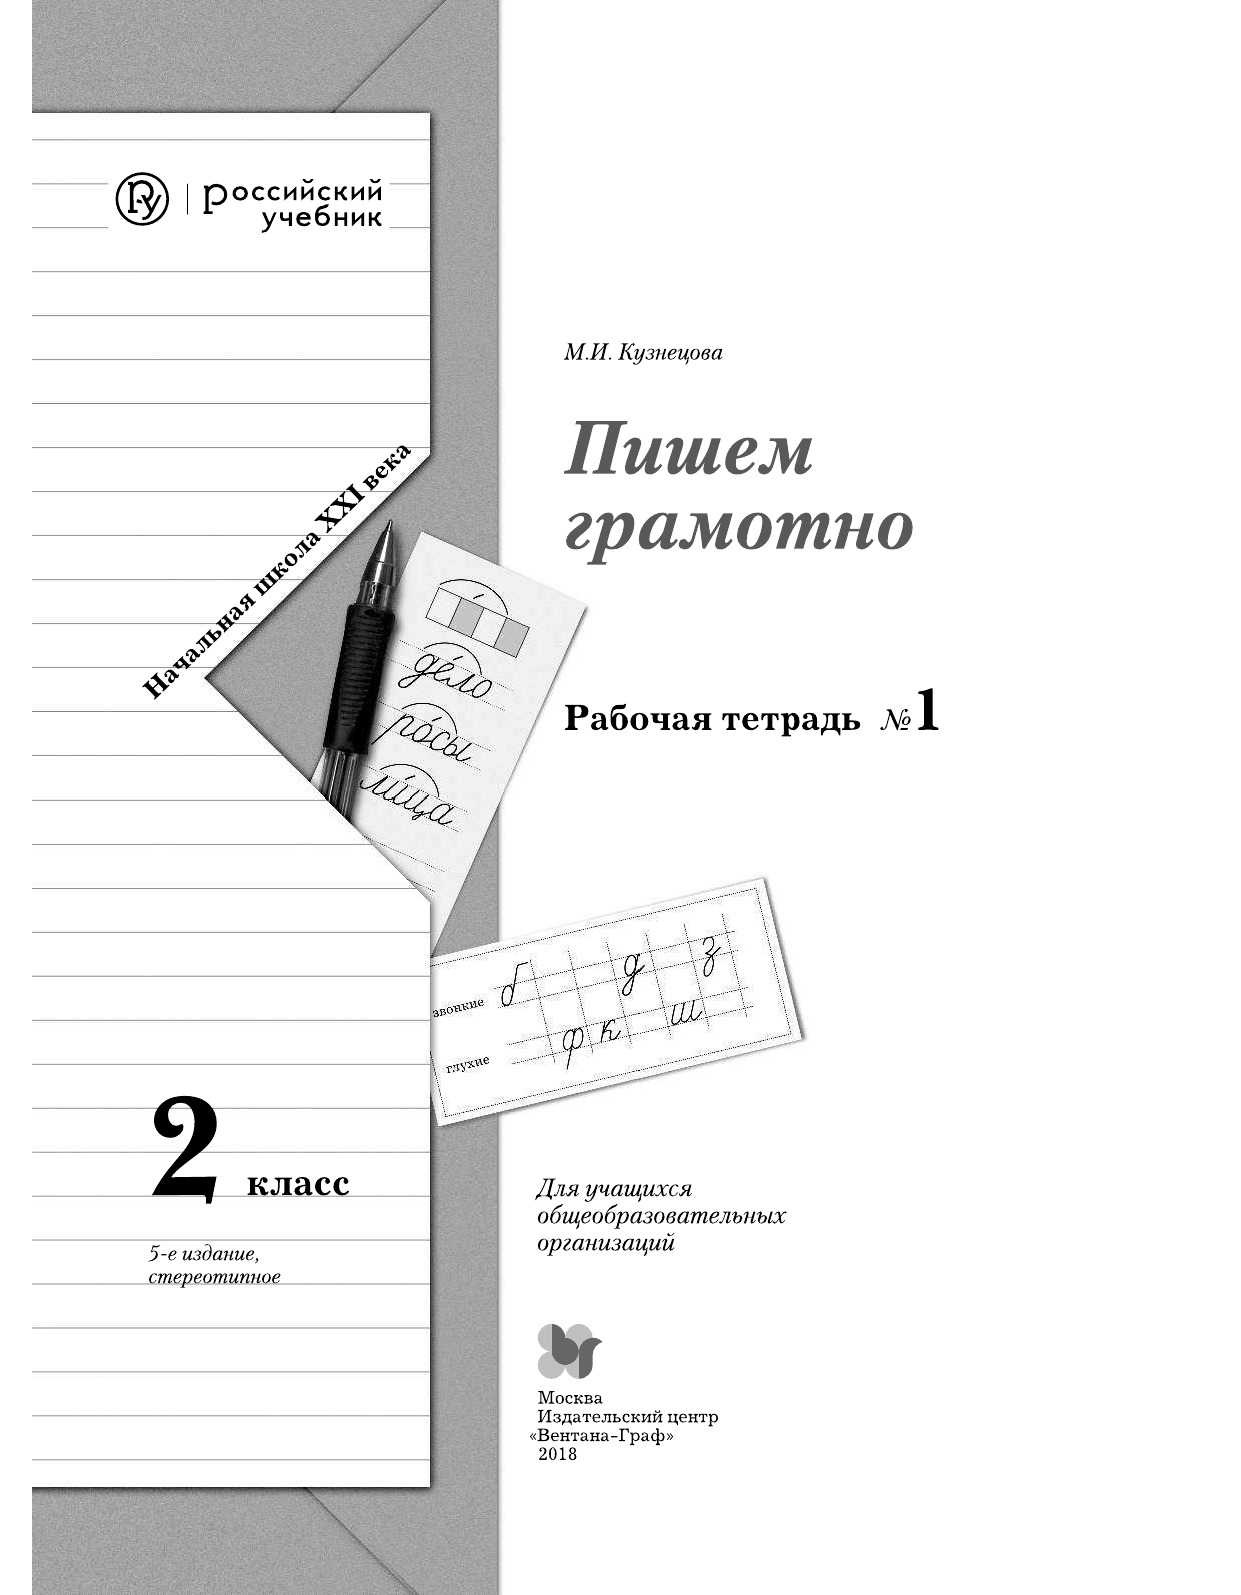 рабочая тетрадь пишем грамотно 4 класс кузнецова ответы